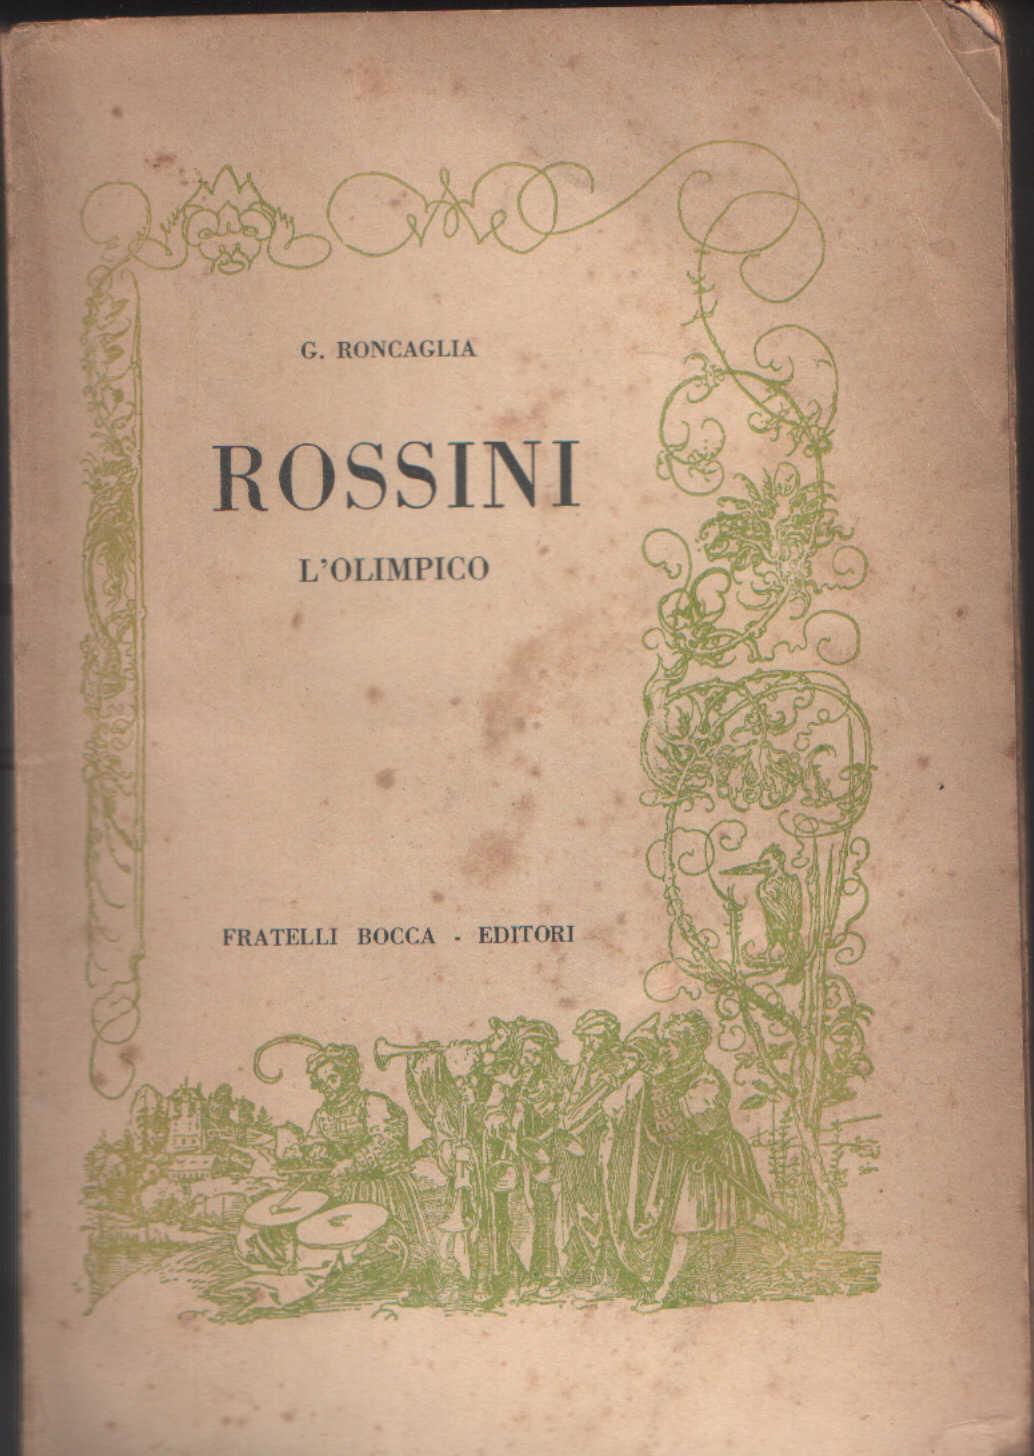 Rossini l'olimpico